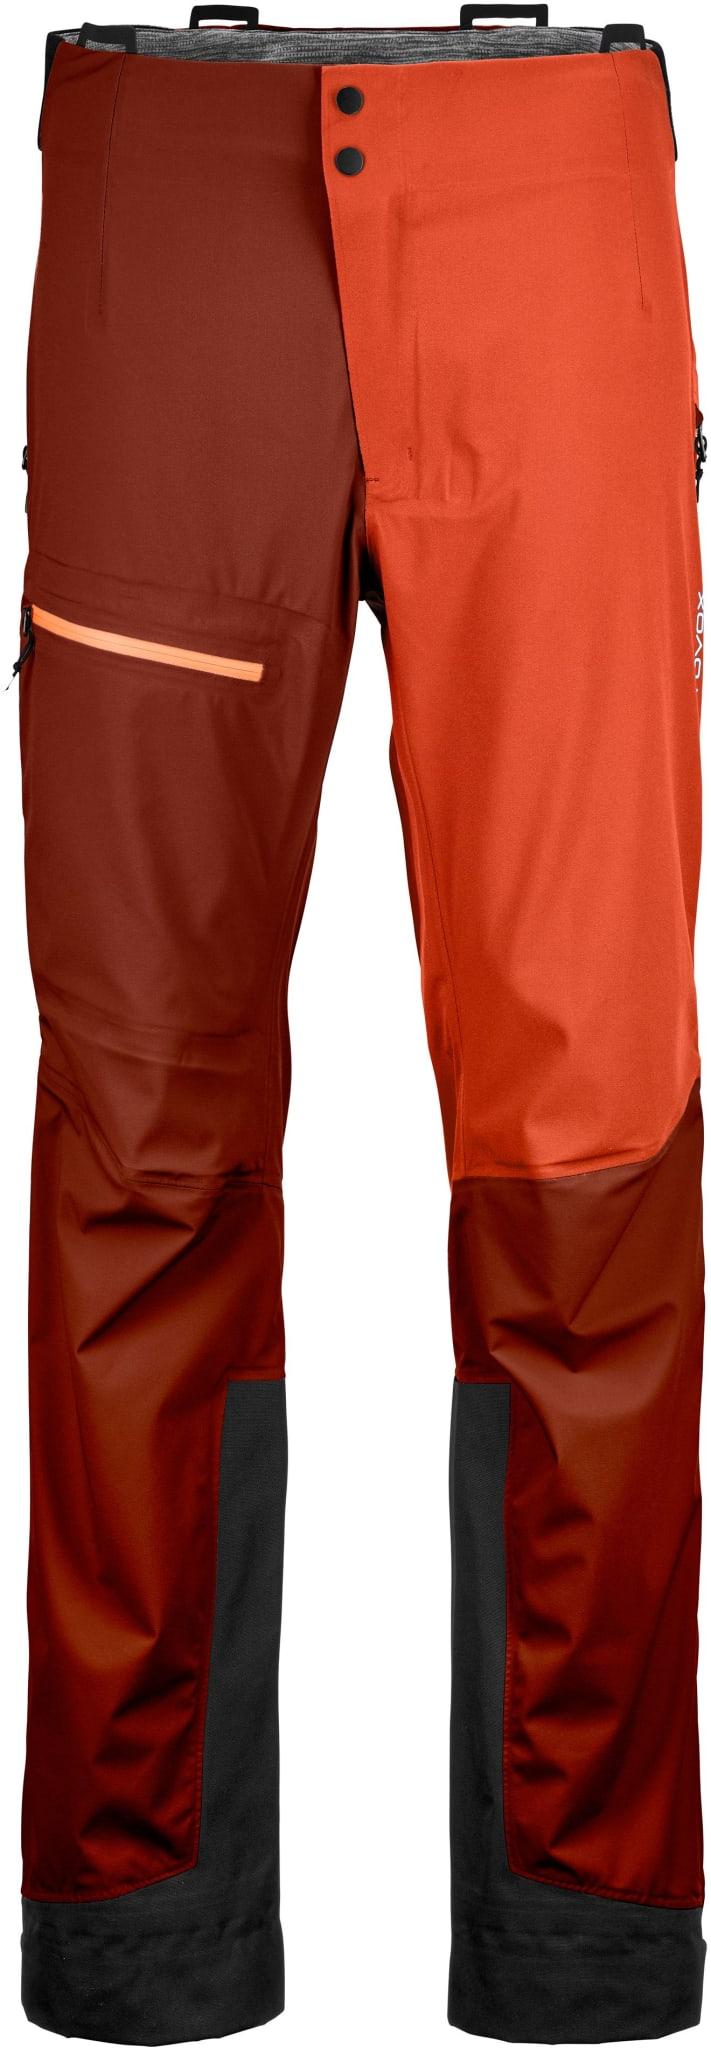 3L Ortler Pants M